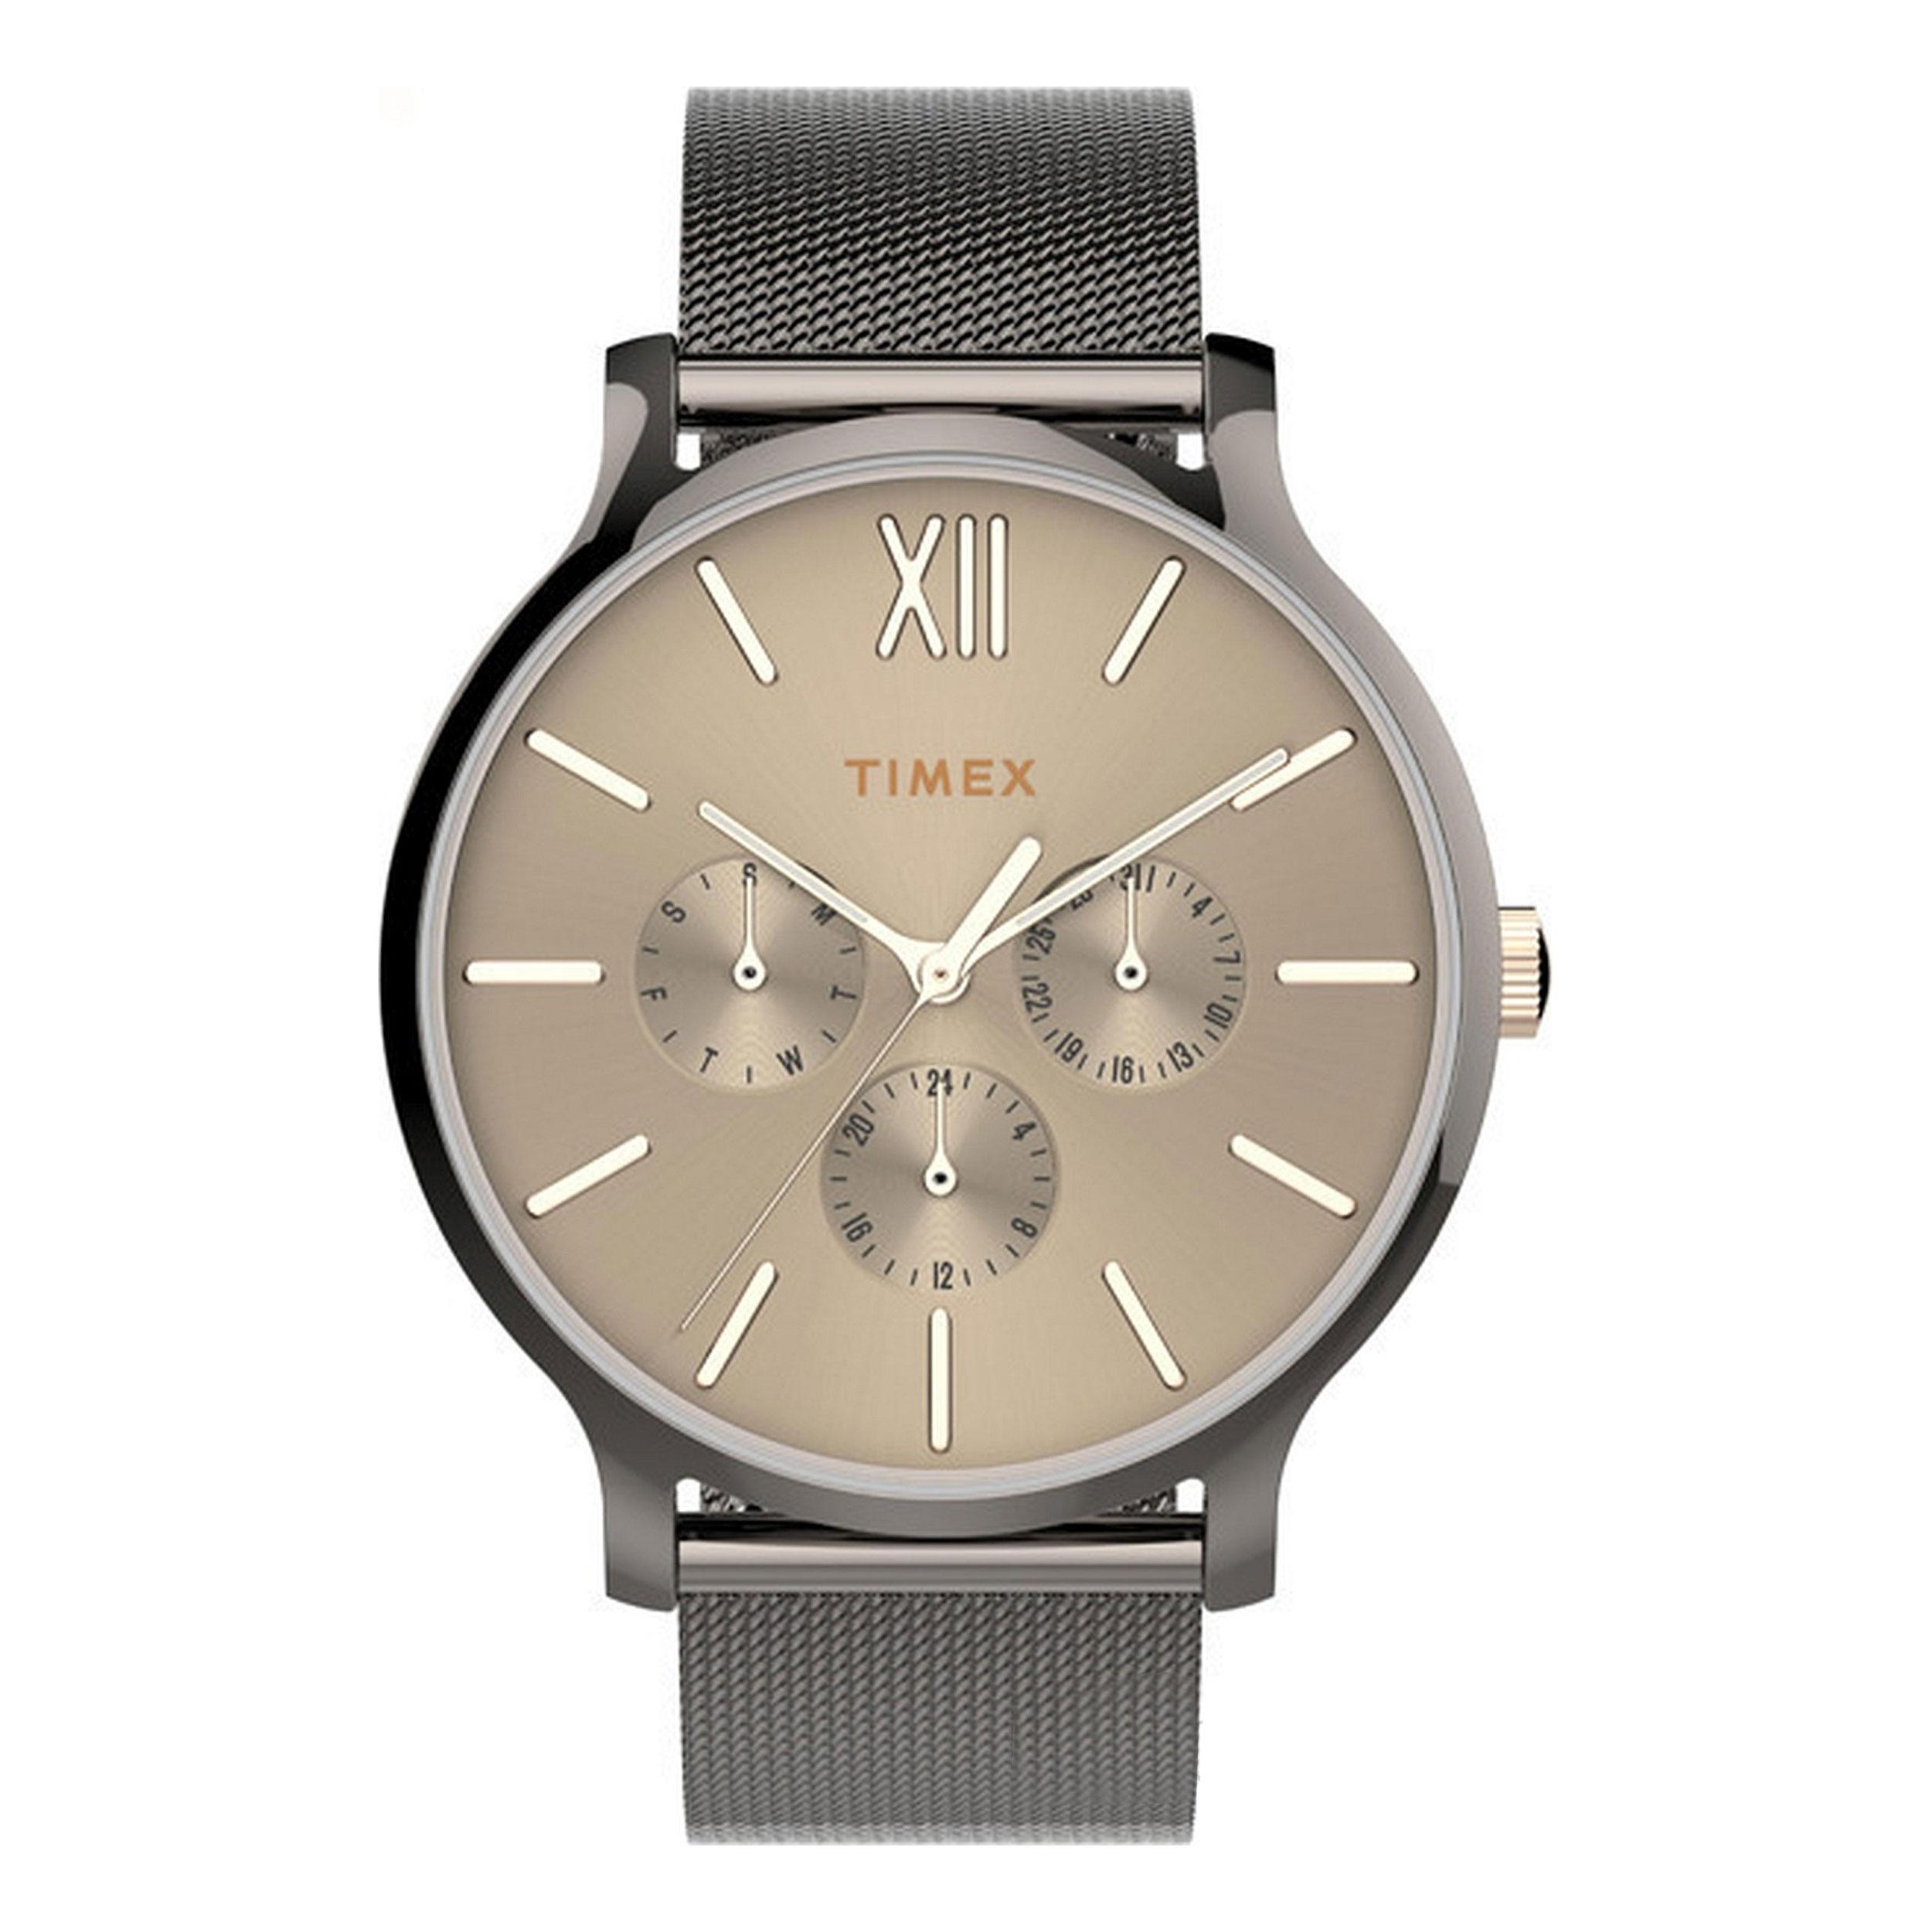 ساعت مچی عقربه ای زنانه تایمکس مدل TW2T74700 -  - 1